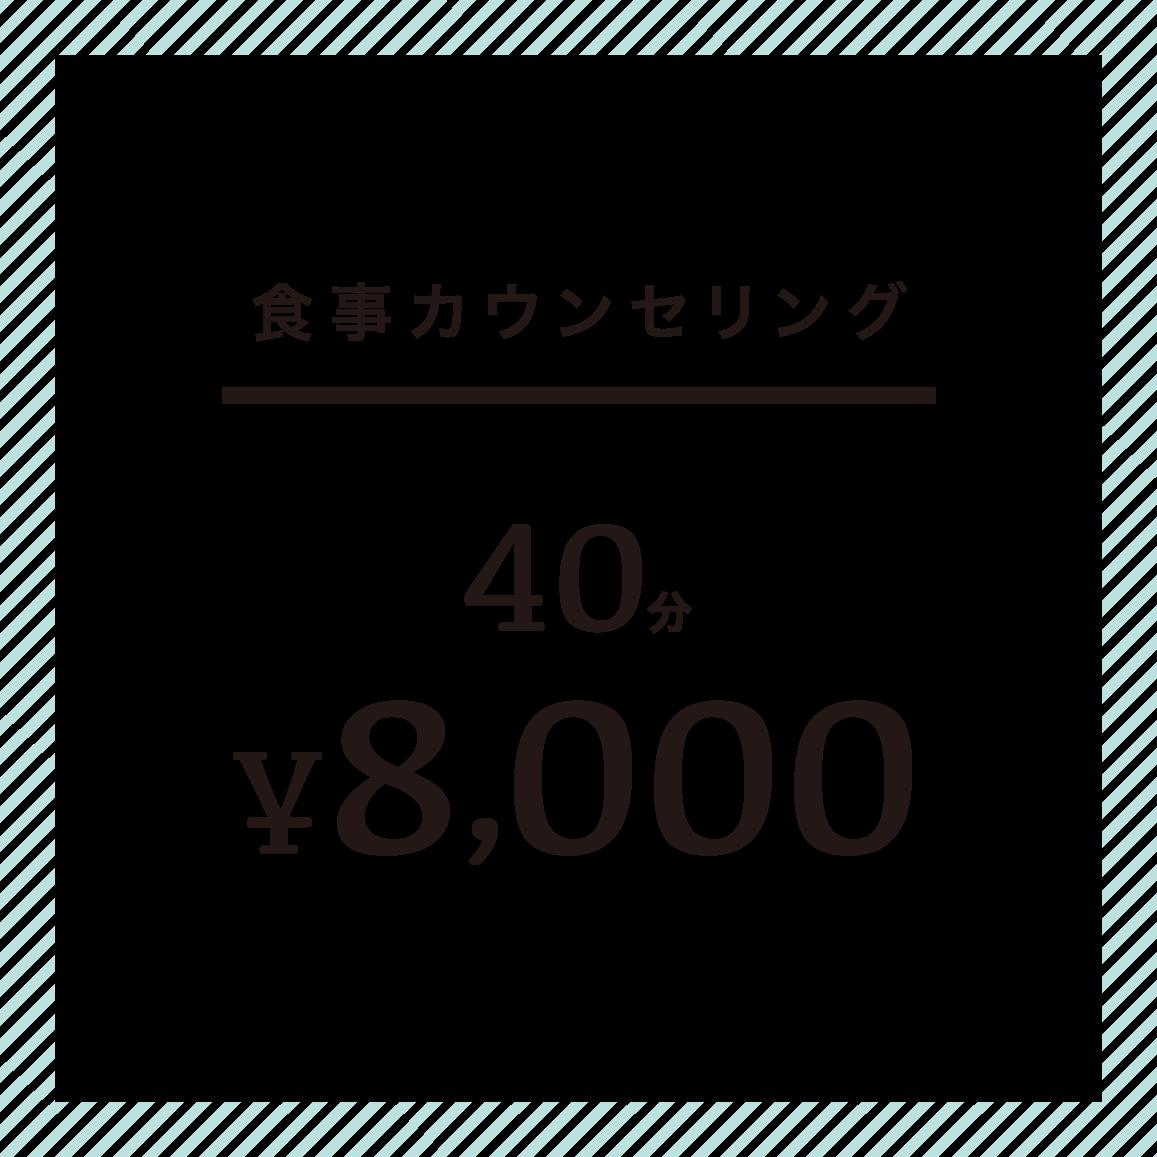 食事カウンセリング40分8,000円